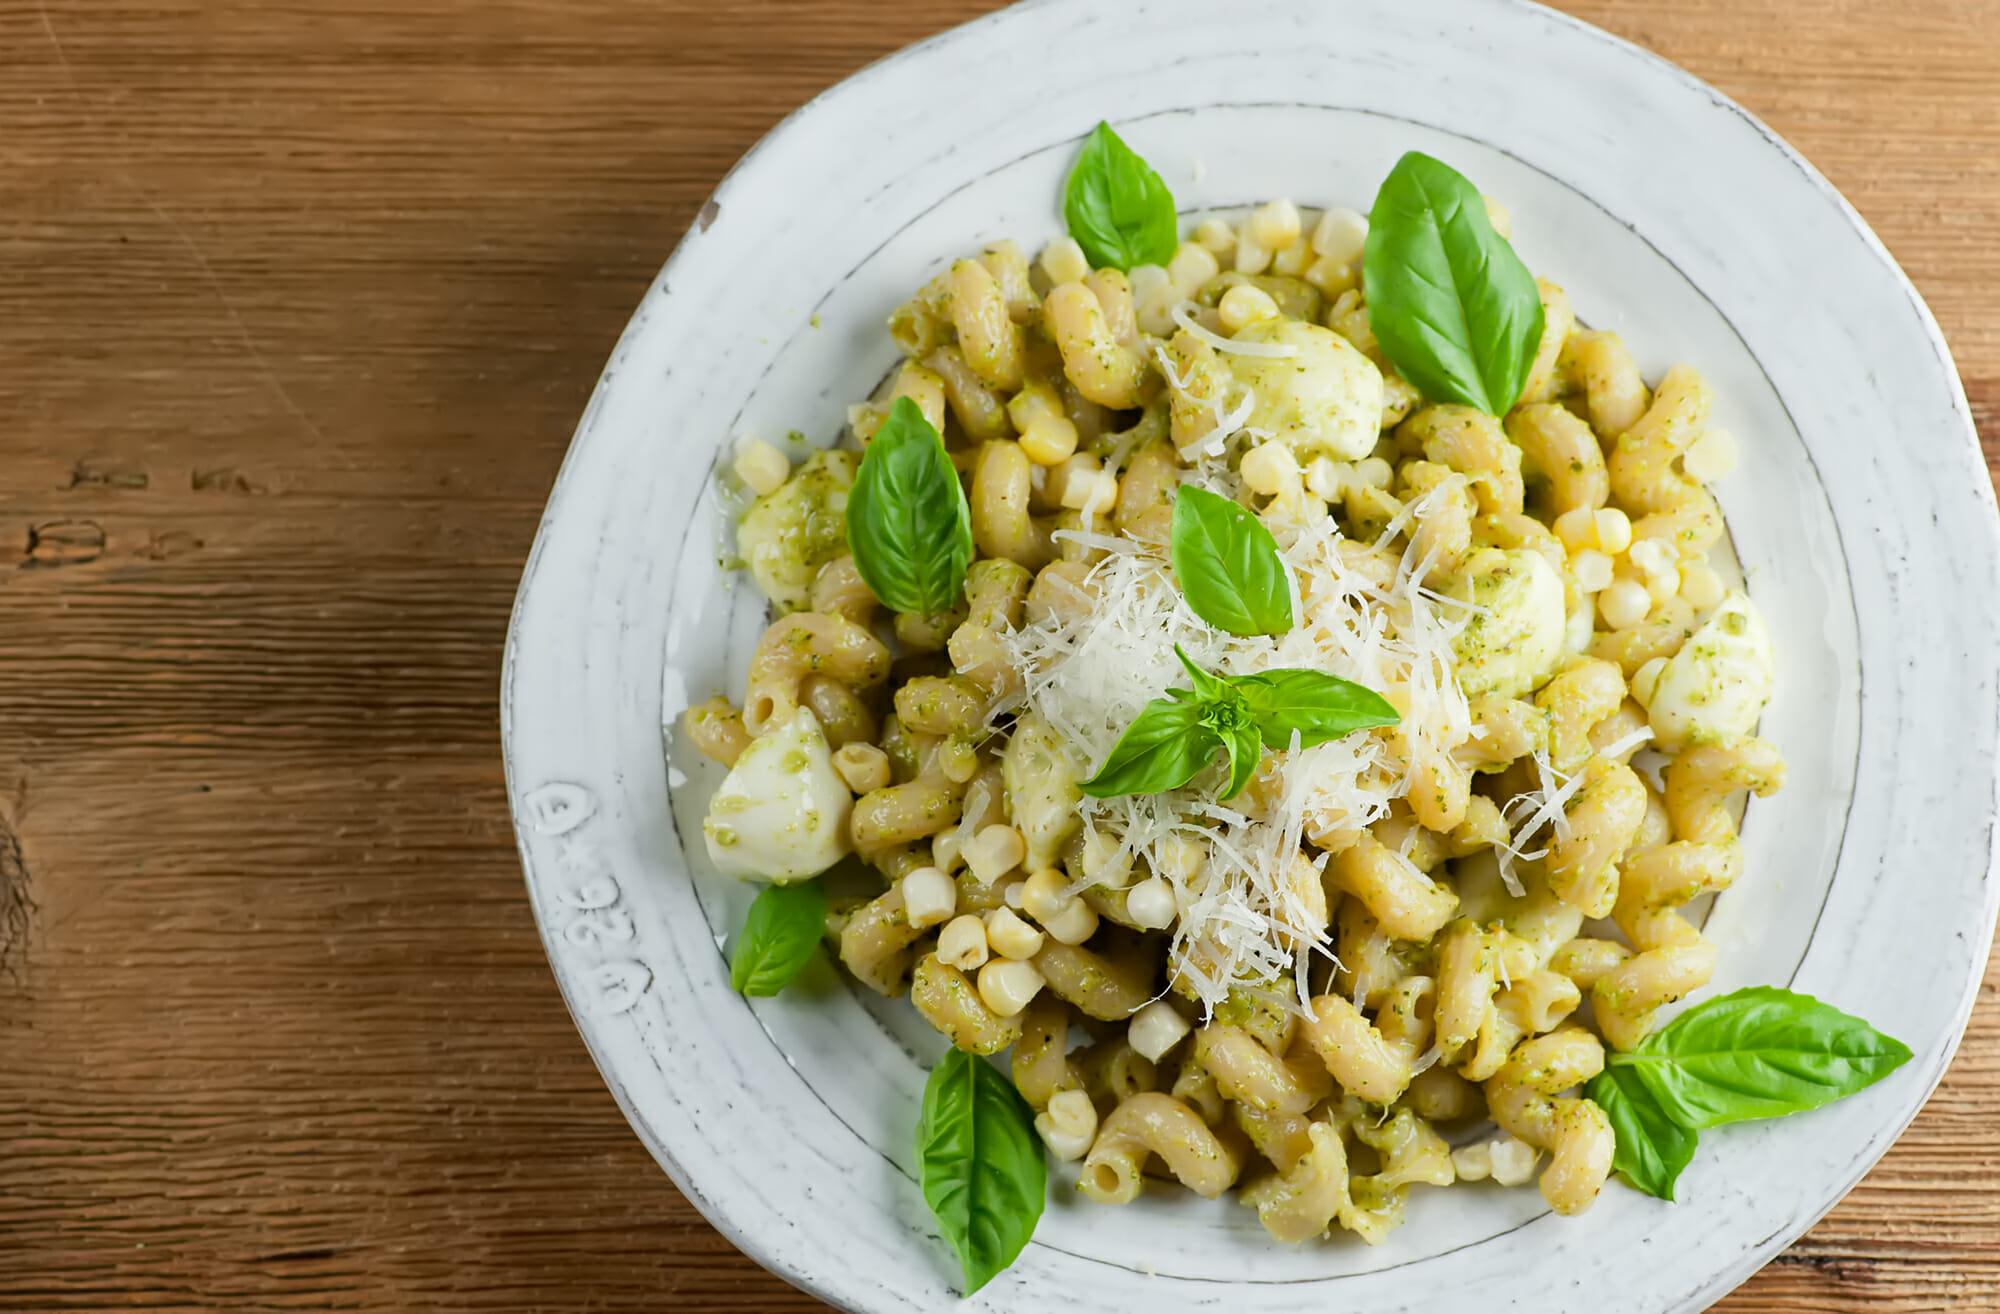 plate of pesto pasta with fresh corn and mozzarella